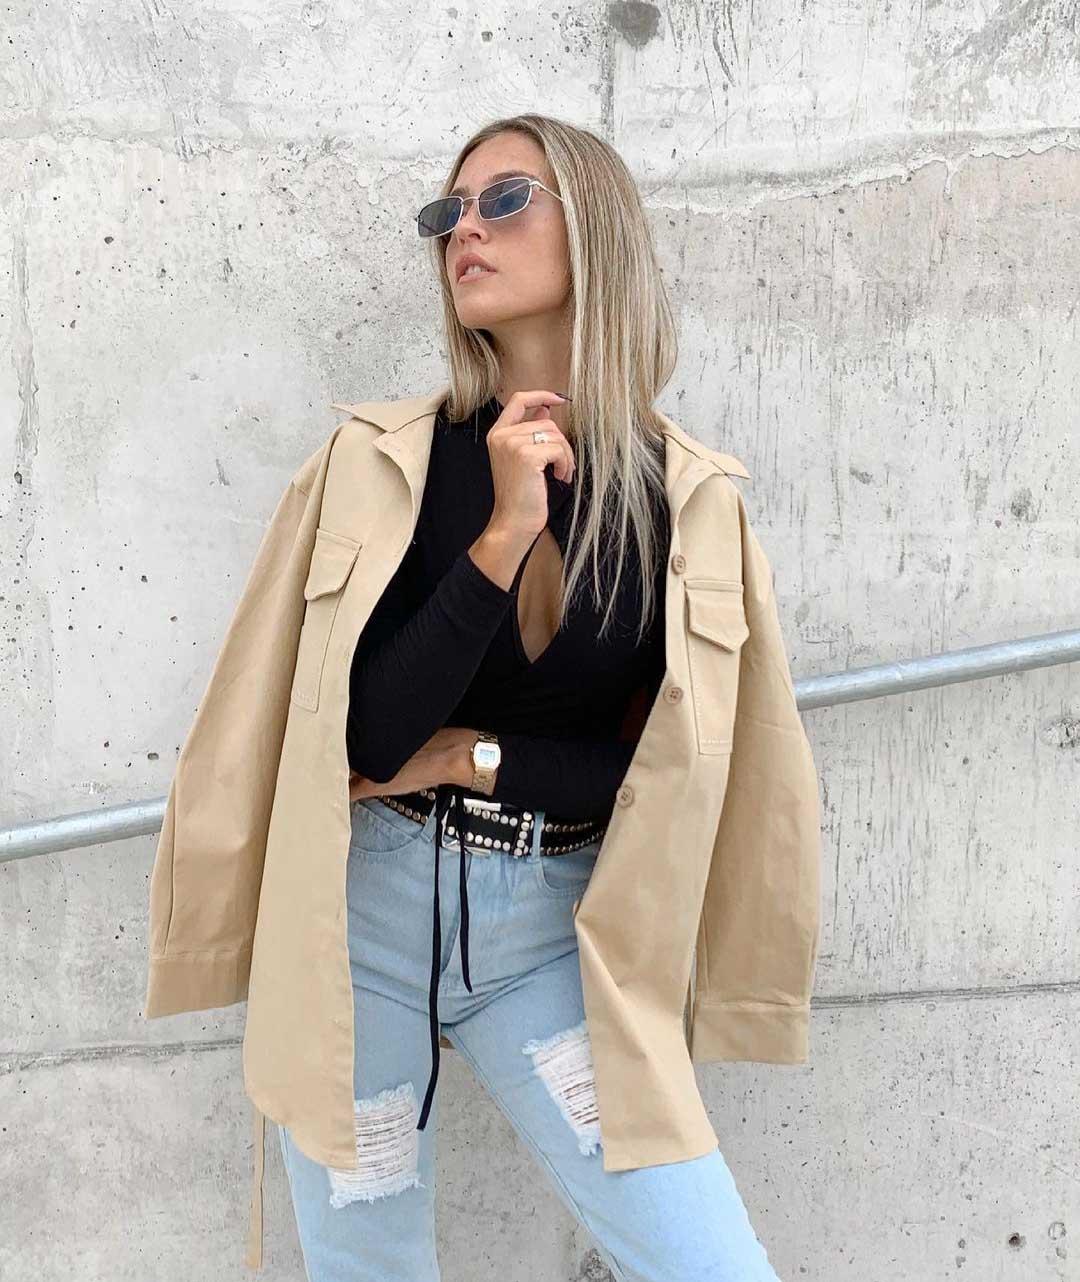 estilo casual urbano moda invierno 2021 mujer